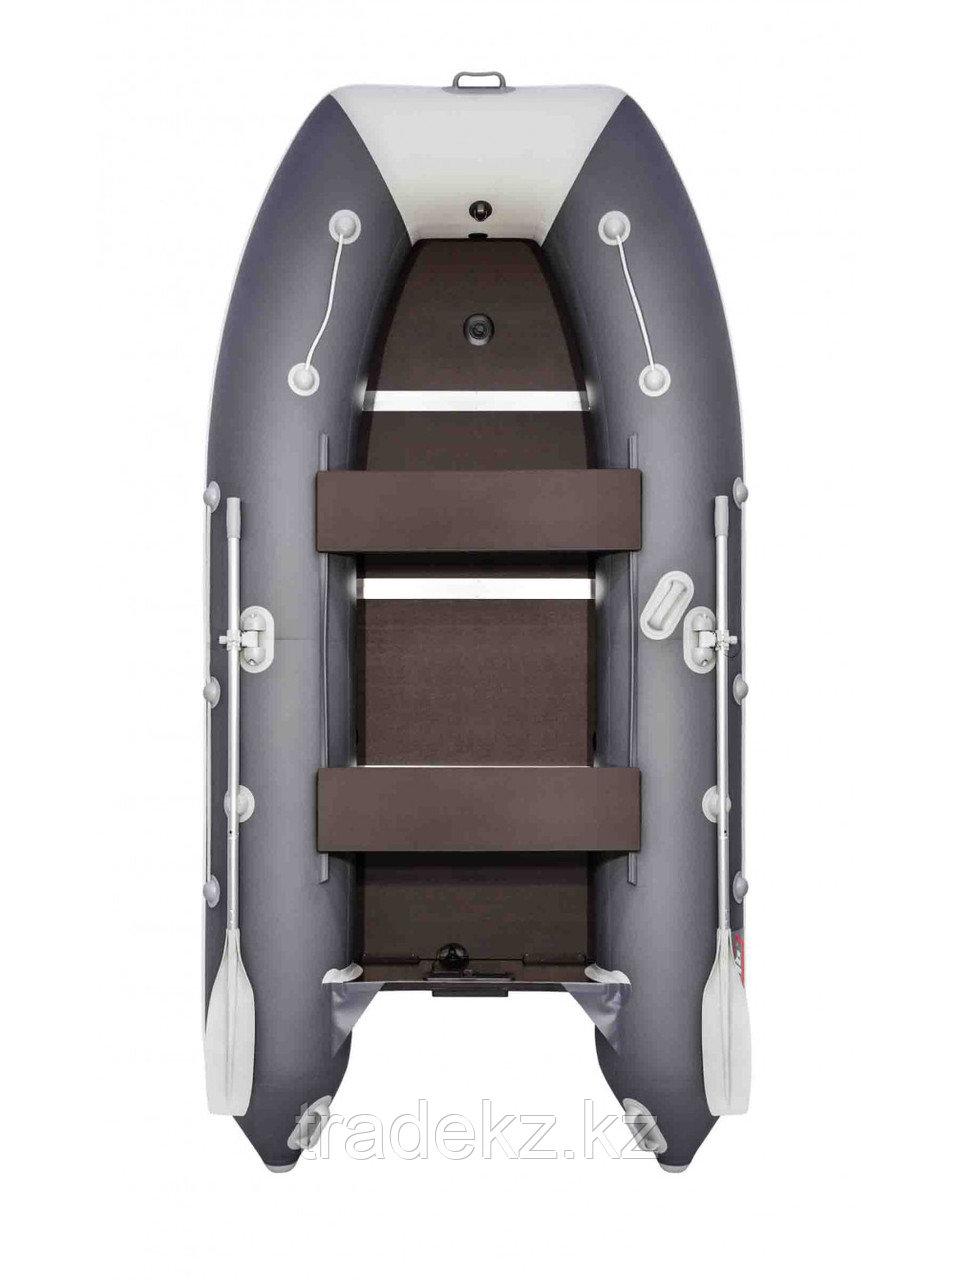 Лодка ПВХ Таймень LX 3400 СК графит/светло-серый